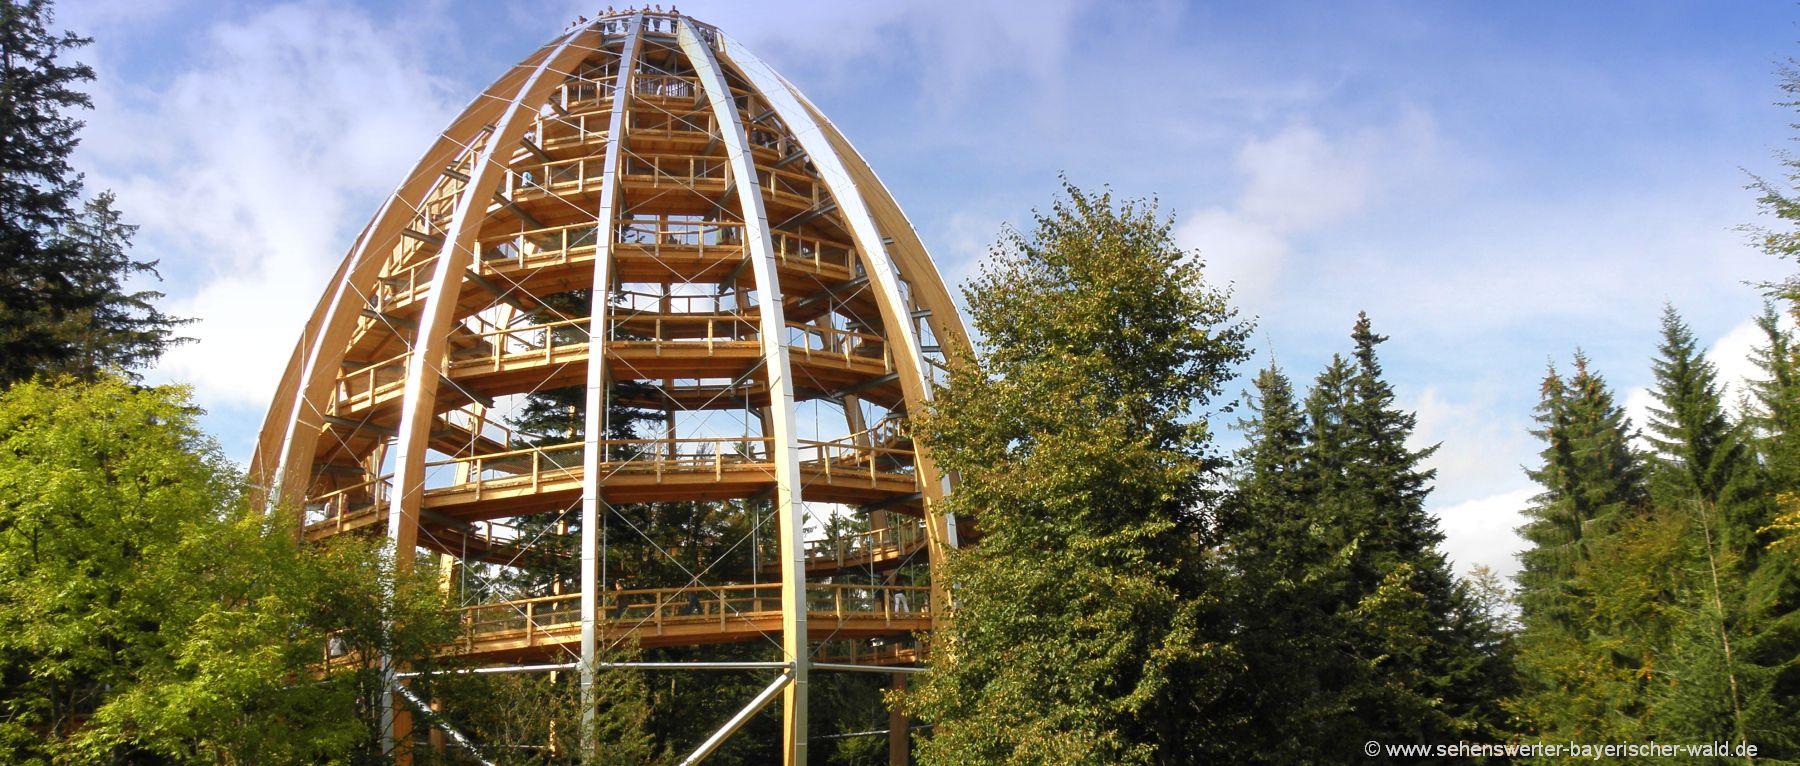 ausflugsziele-bayerischer-wald-baumkronenweg-nationalpark